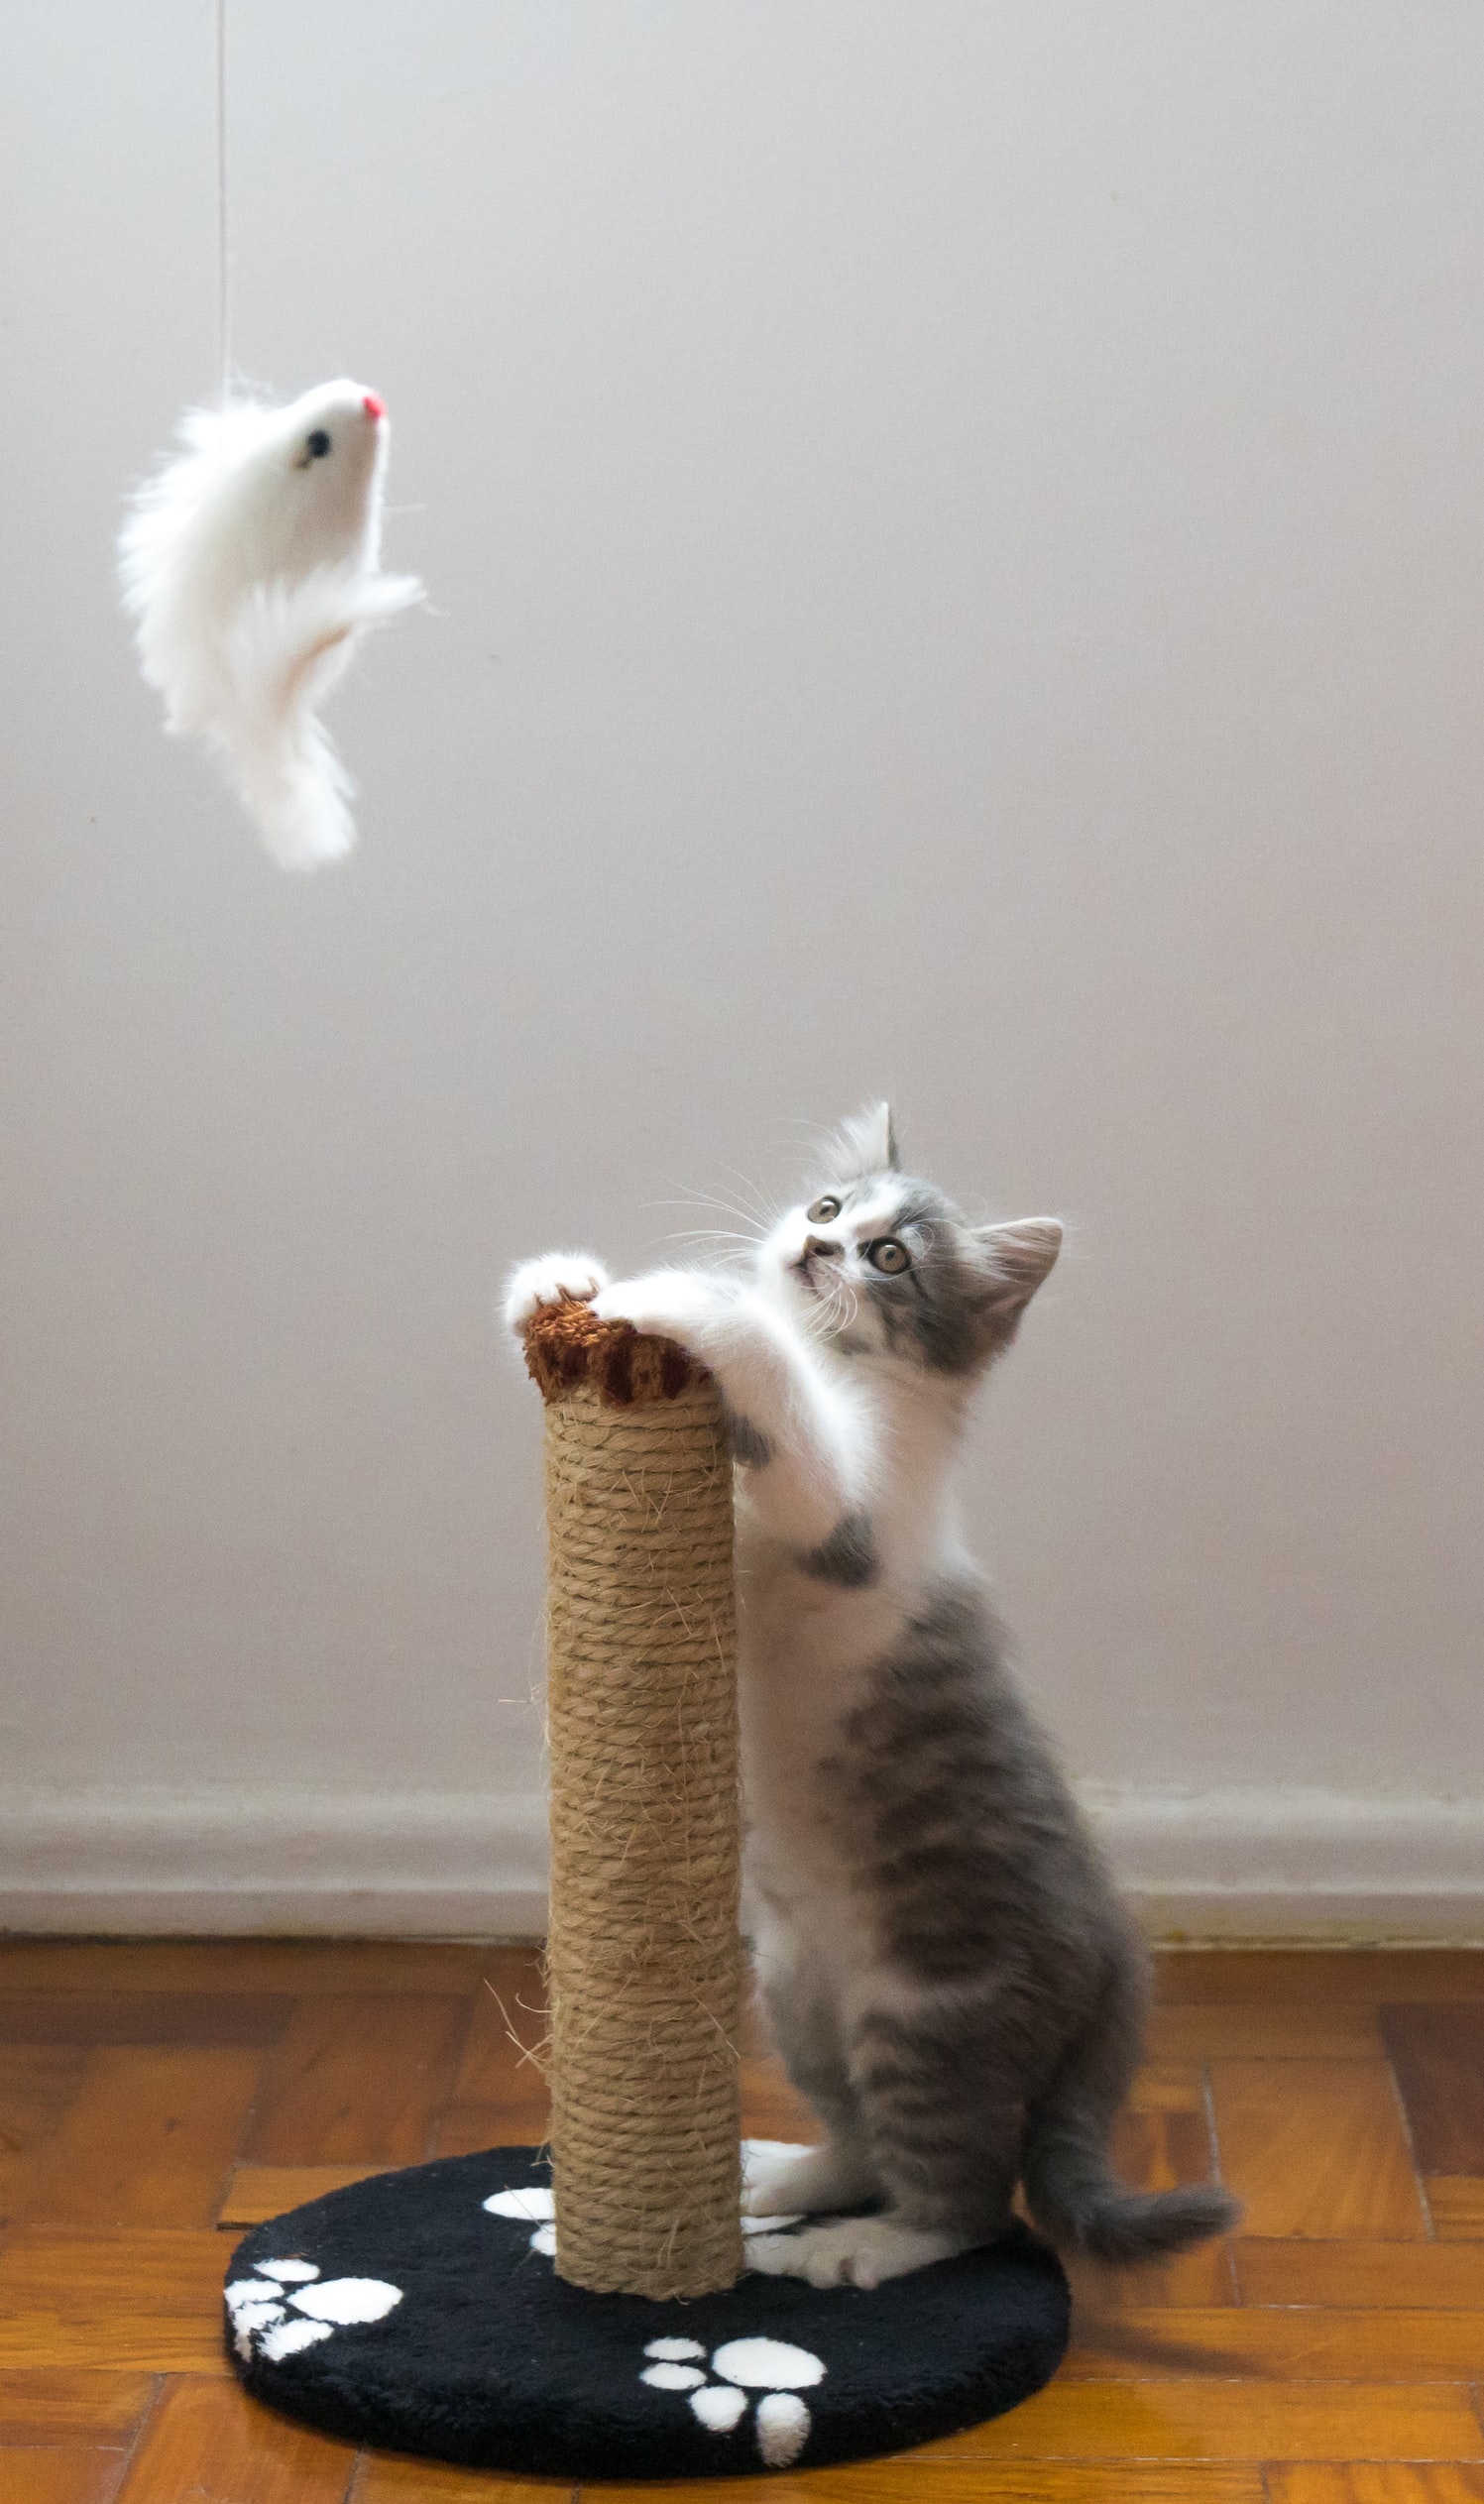 jugar con un gato